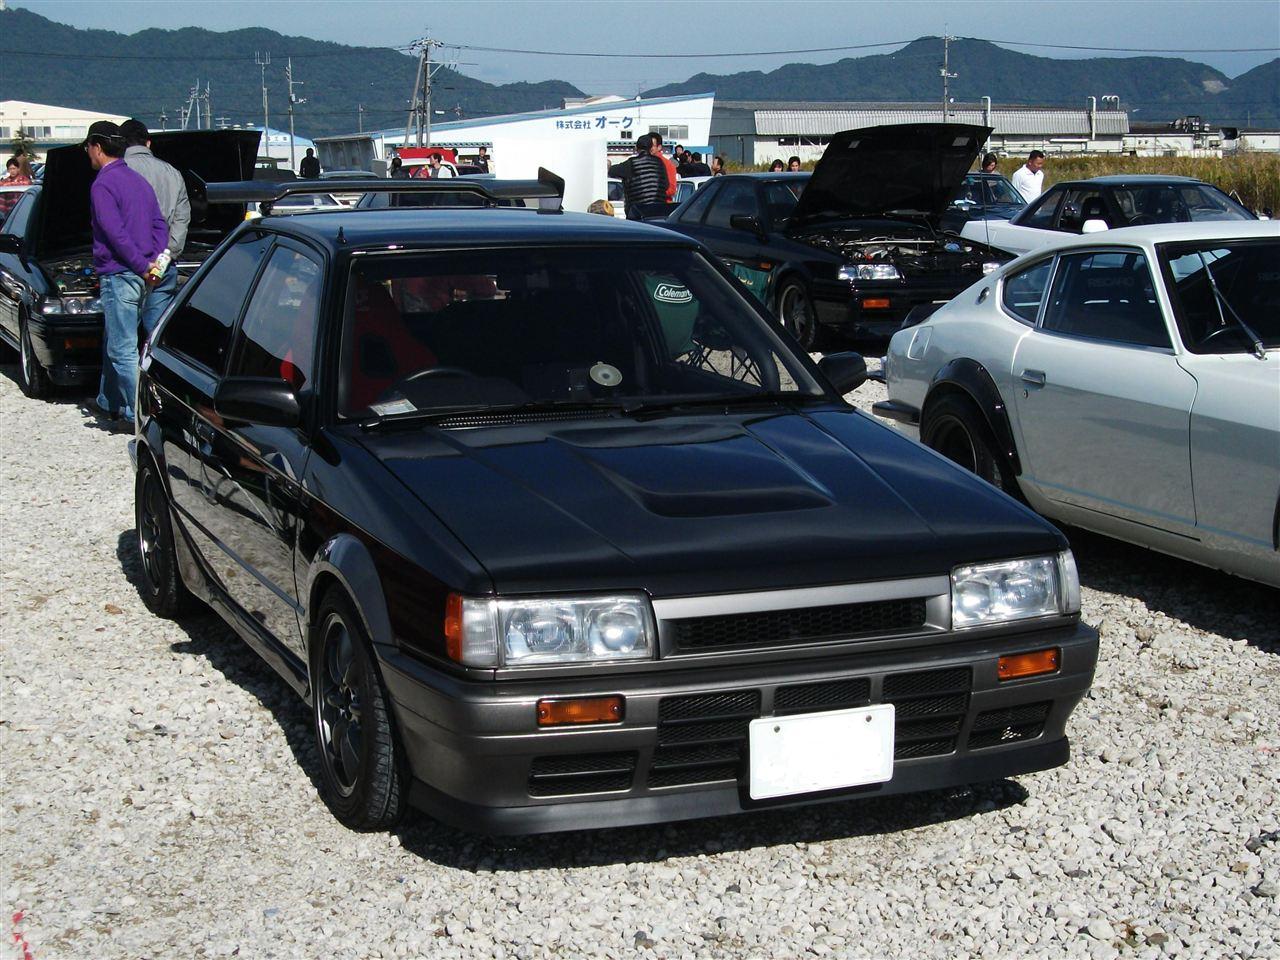 Mazda 323 BF, Familia, sportowy hatchback, japoński samochód, tuning, fotki, JDM, stary